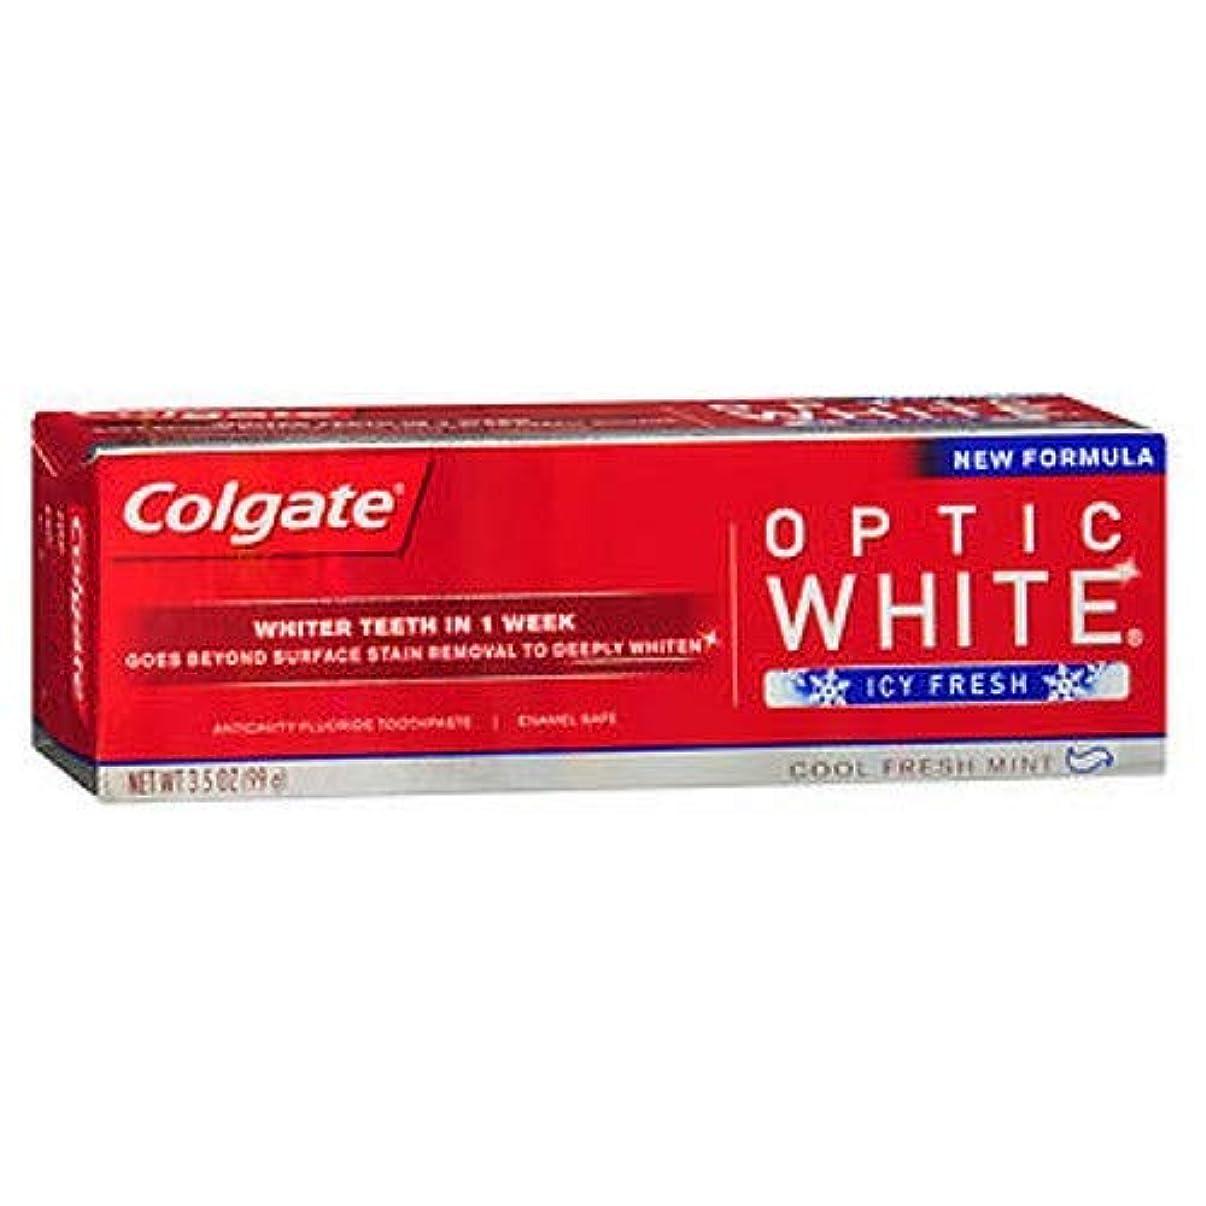 サロン価格指令Colgate Optic White Icy Fresh by Colgate Optic White